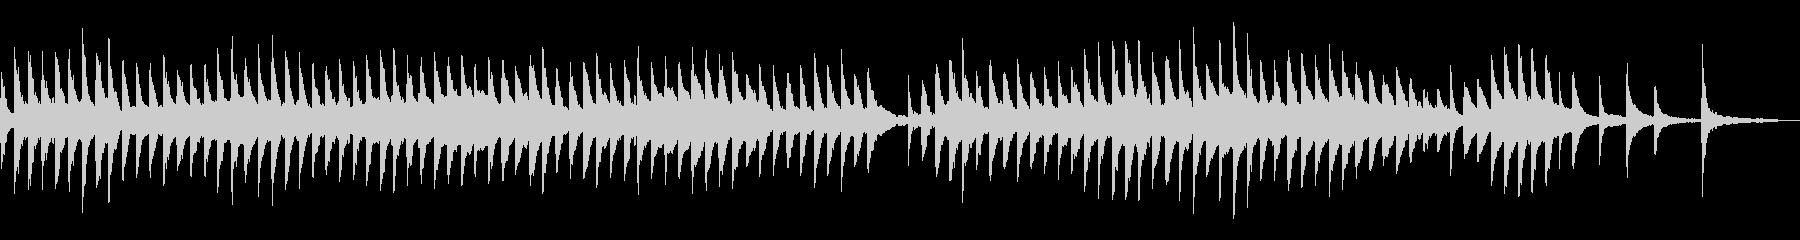 伝統趣ある切ない哀愁感ピアノアンビエントの未再生の波形